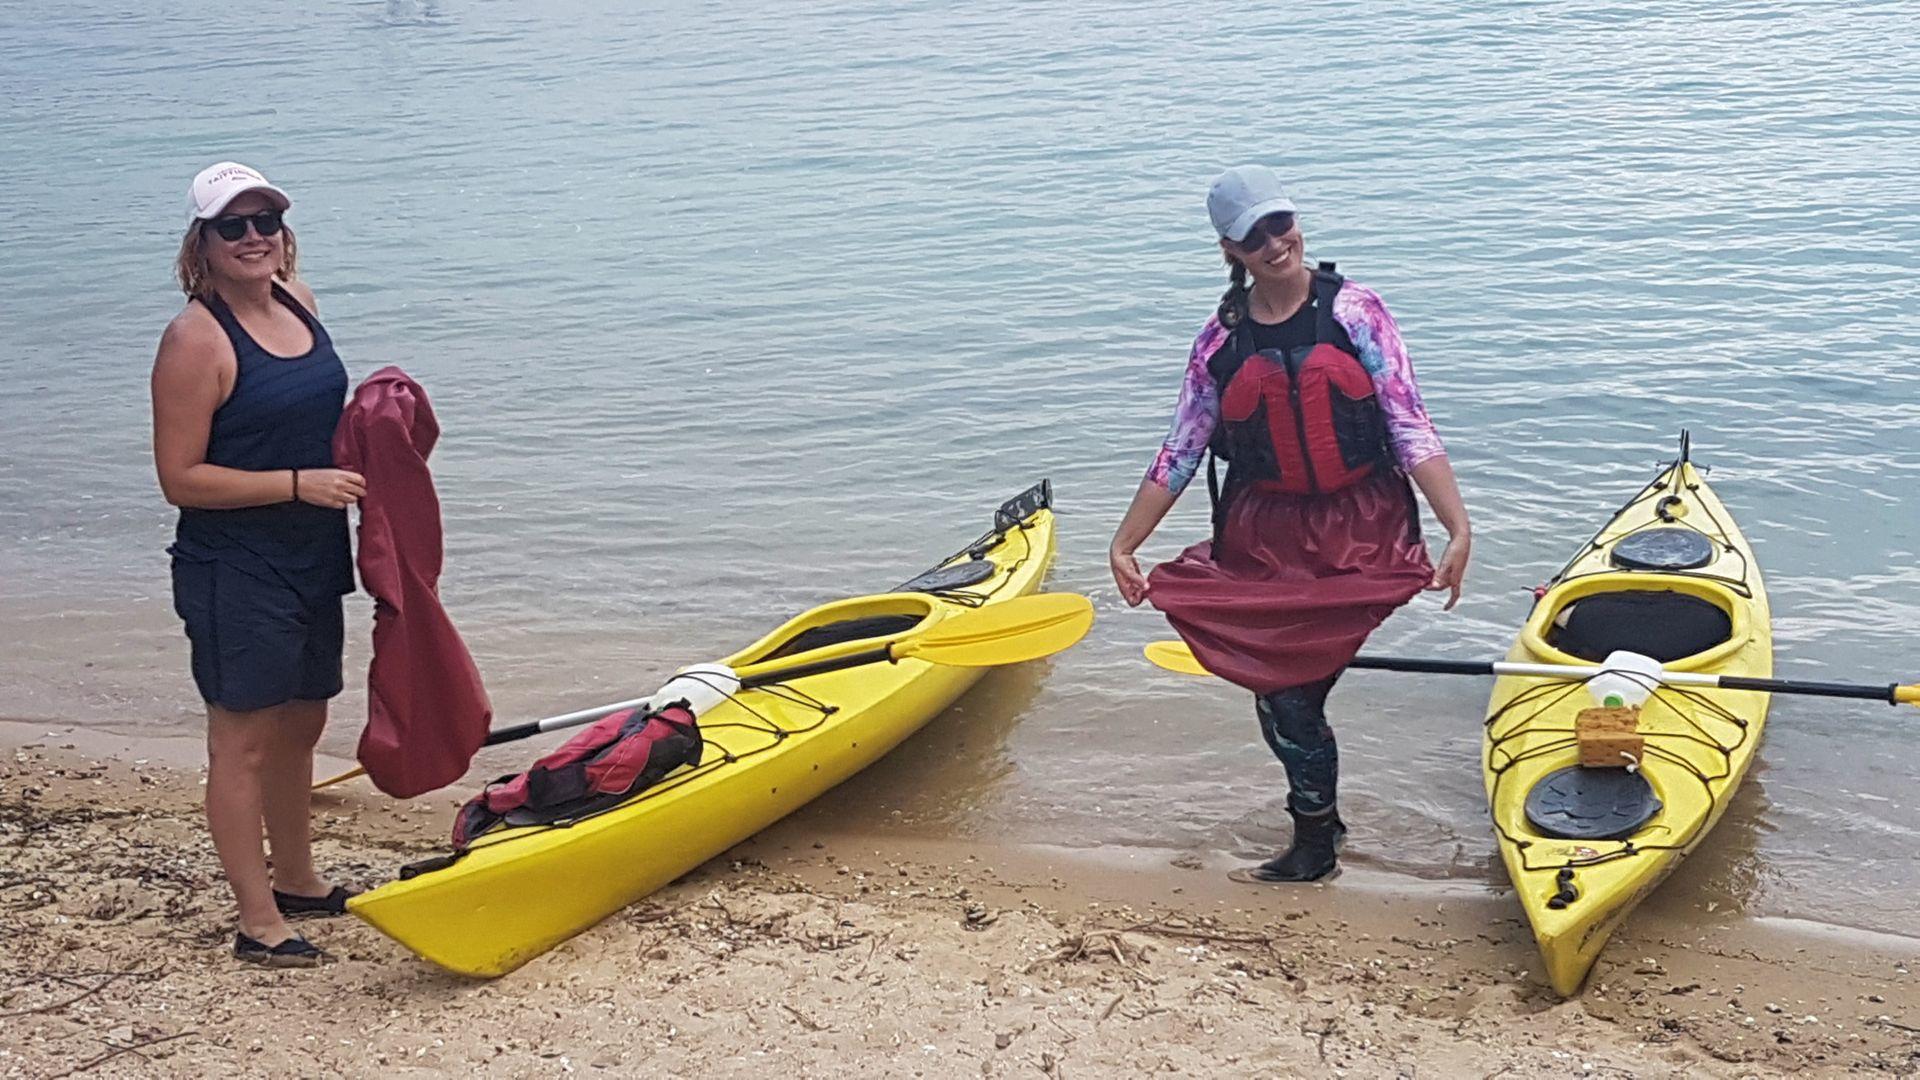 21 Dec 2018 UNESCO Geopark 1 day sea kayak trip Hong Kong